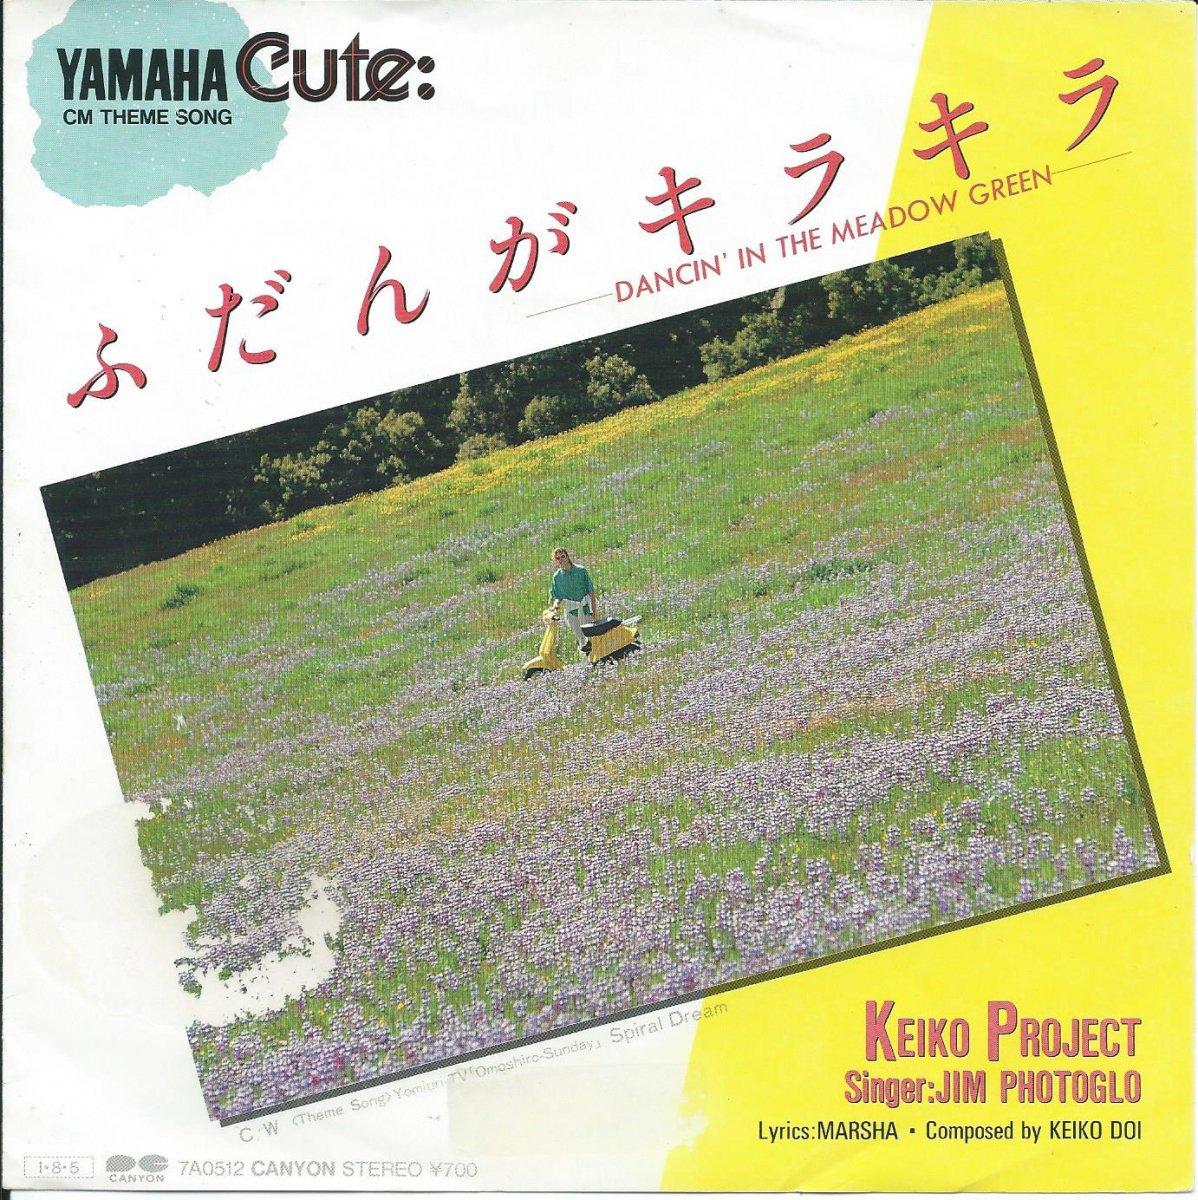 ケイコプロジェクト KEIKO PROJECT (土居慶子) / ふだんがキラキラ DANCIN' IN THE MEADOW GREEN (7